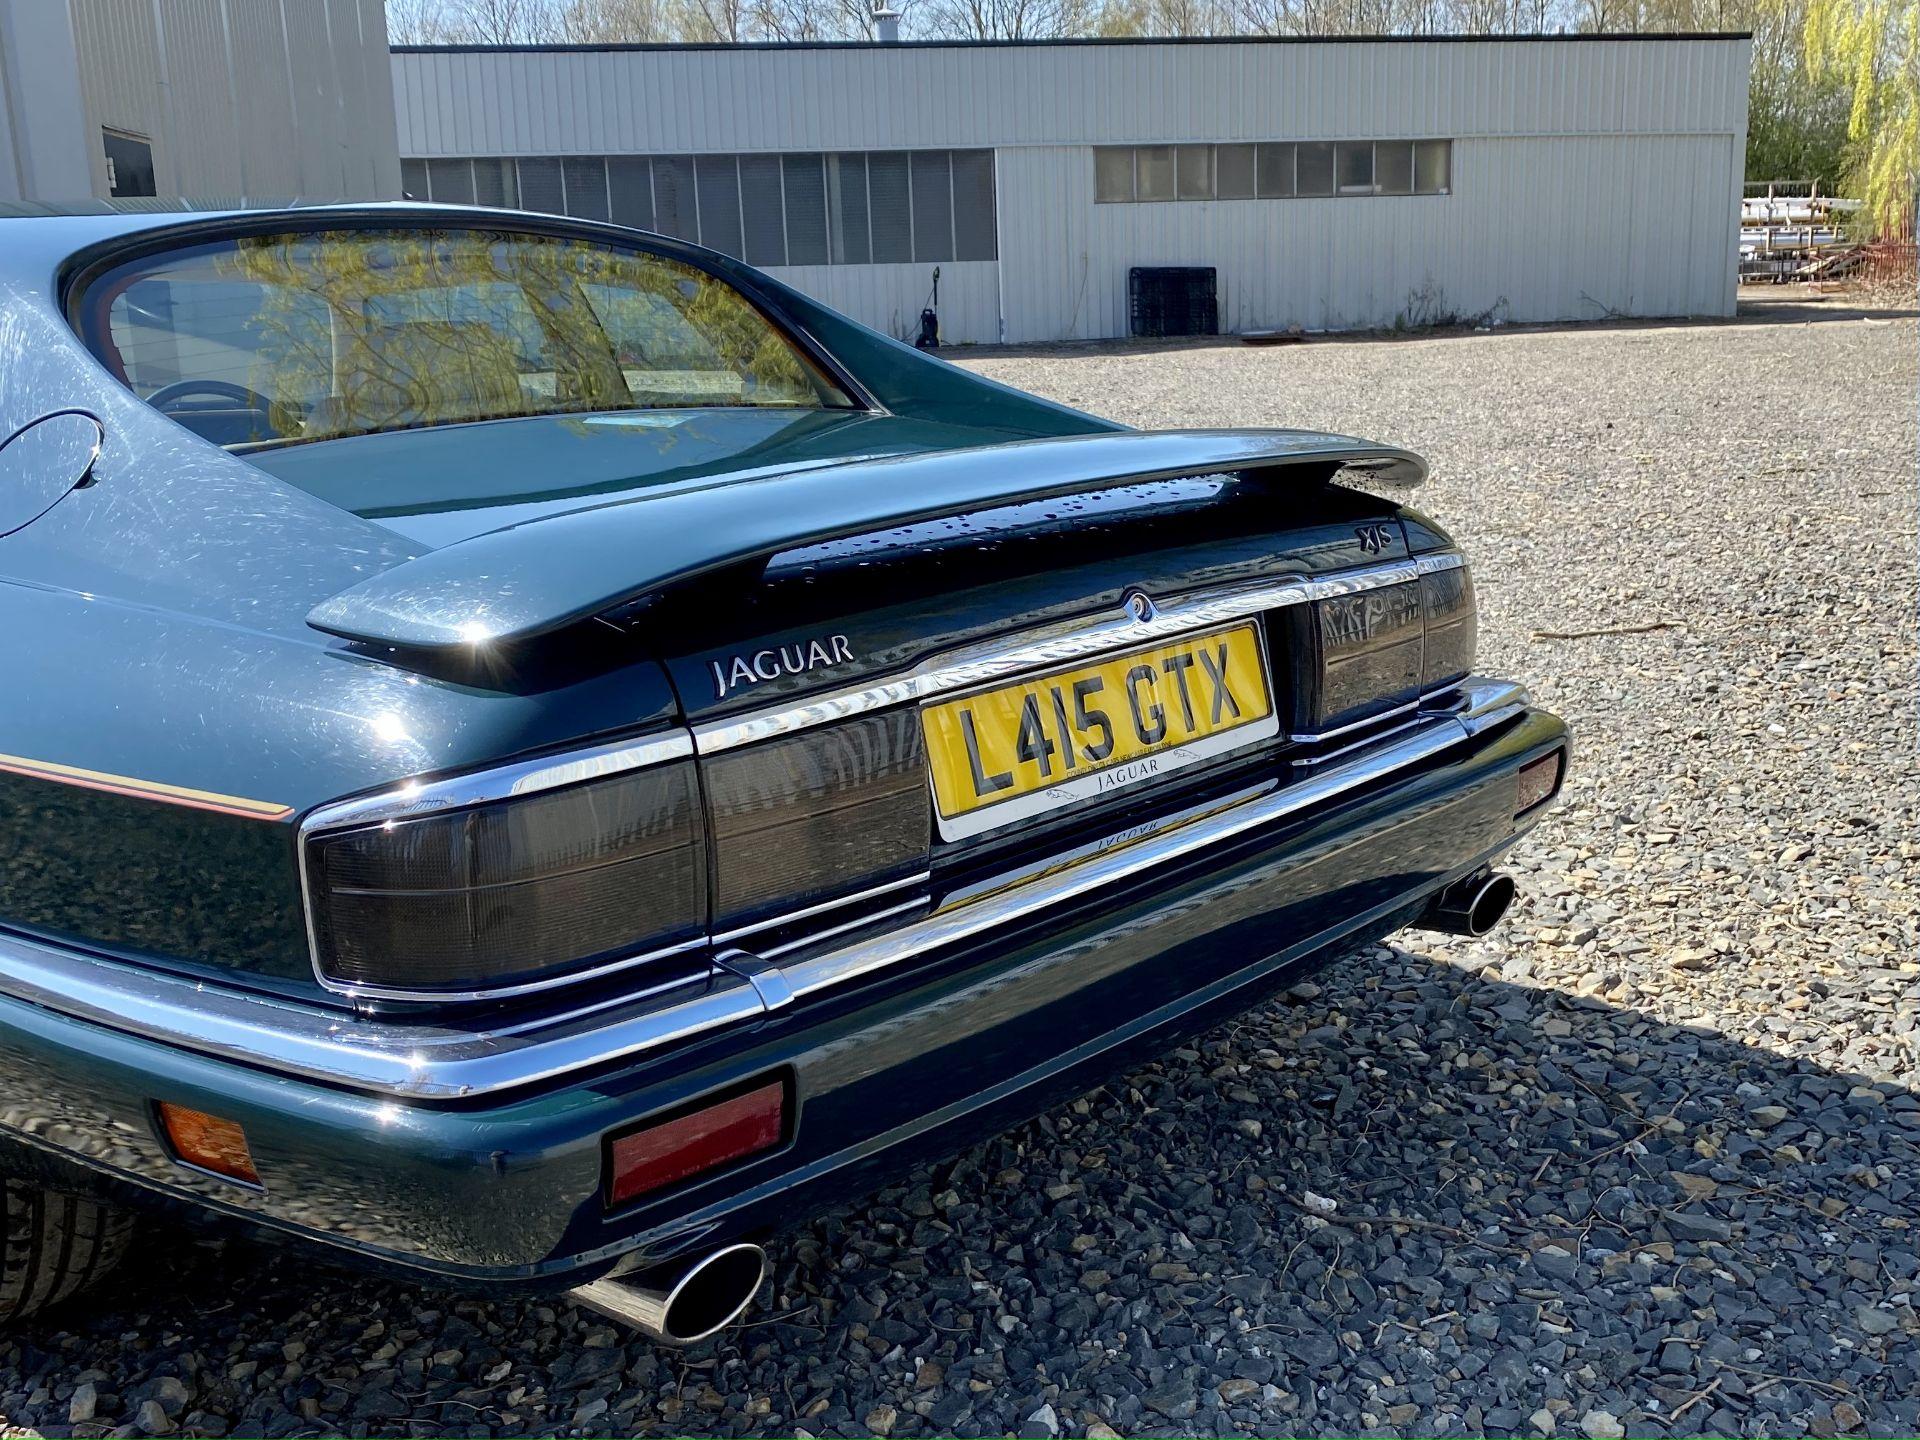 Jaguar XJS coupe - Image 23 of 64